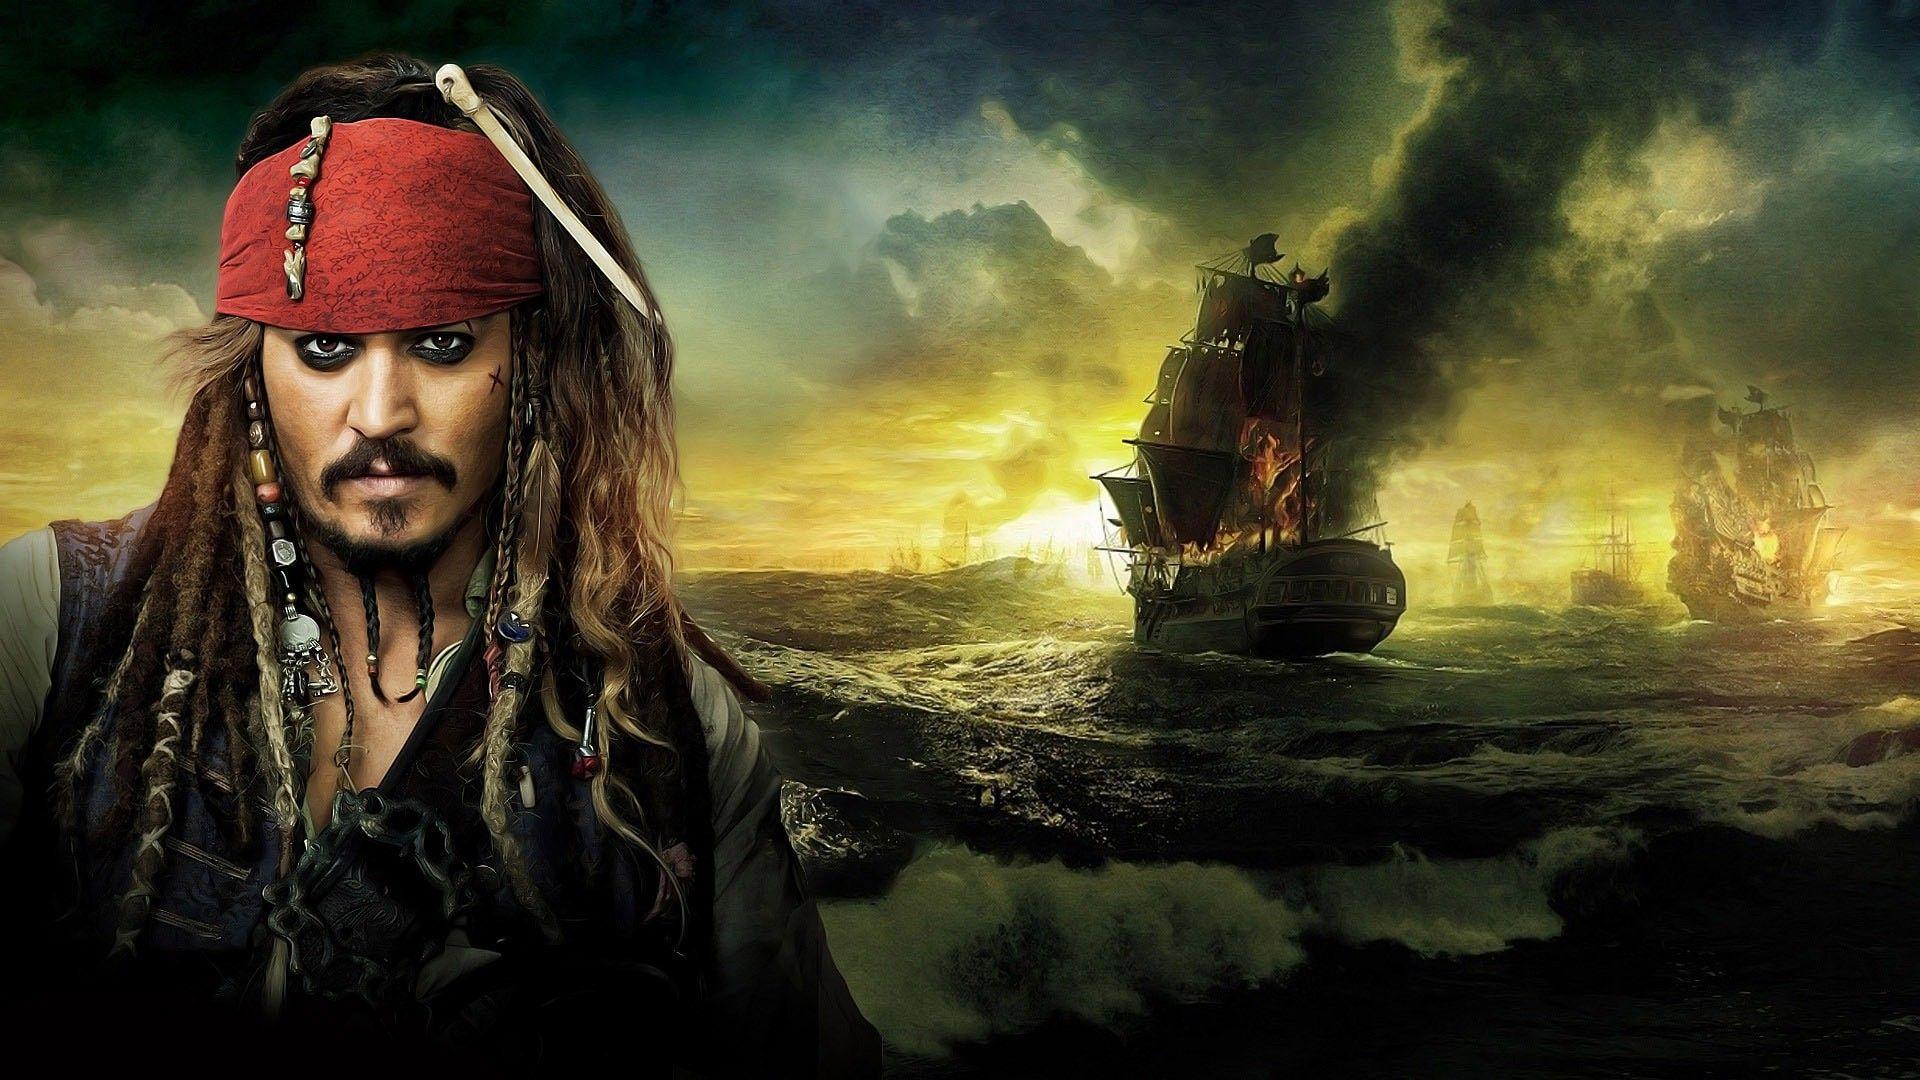 Pirates Of The Caribbean Dead Men Tell No Tales Desktop Wallpaper